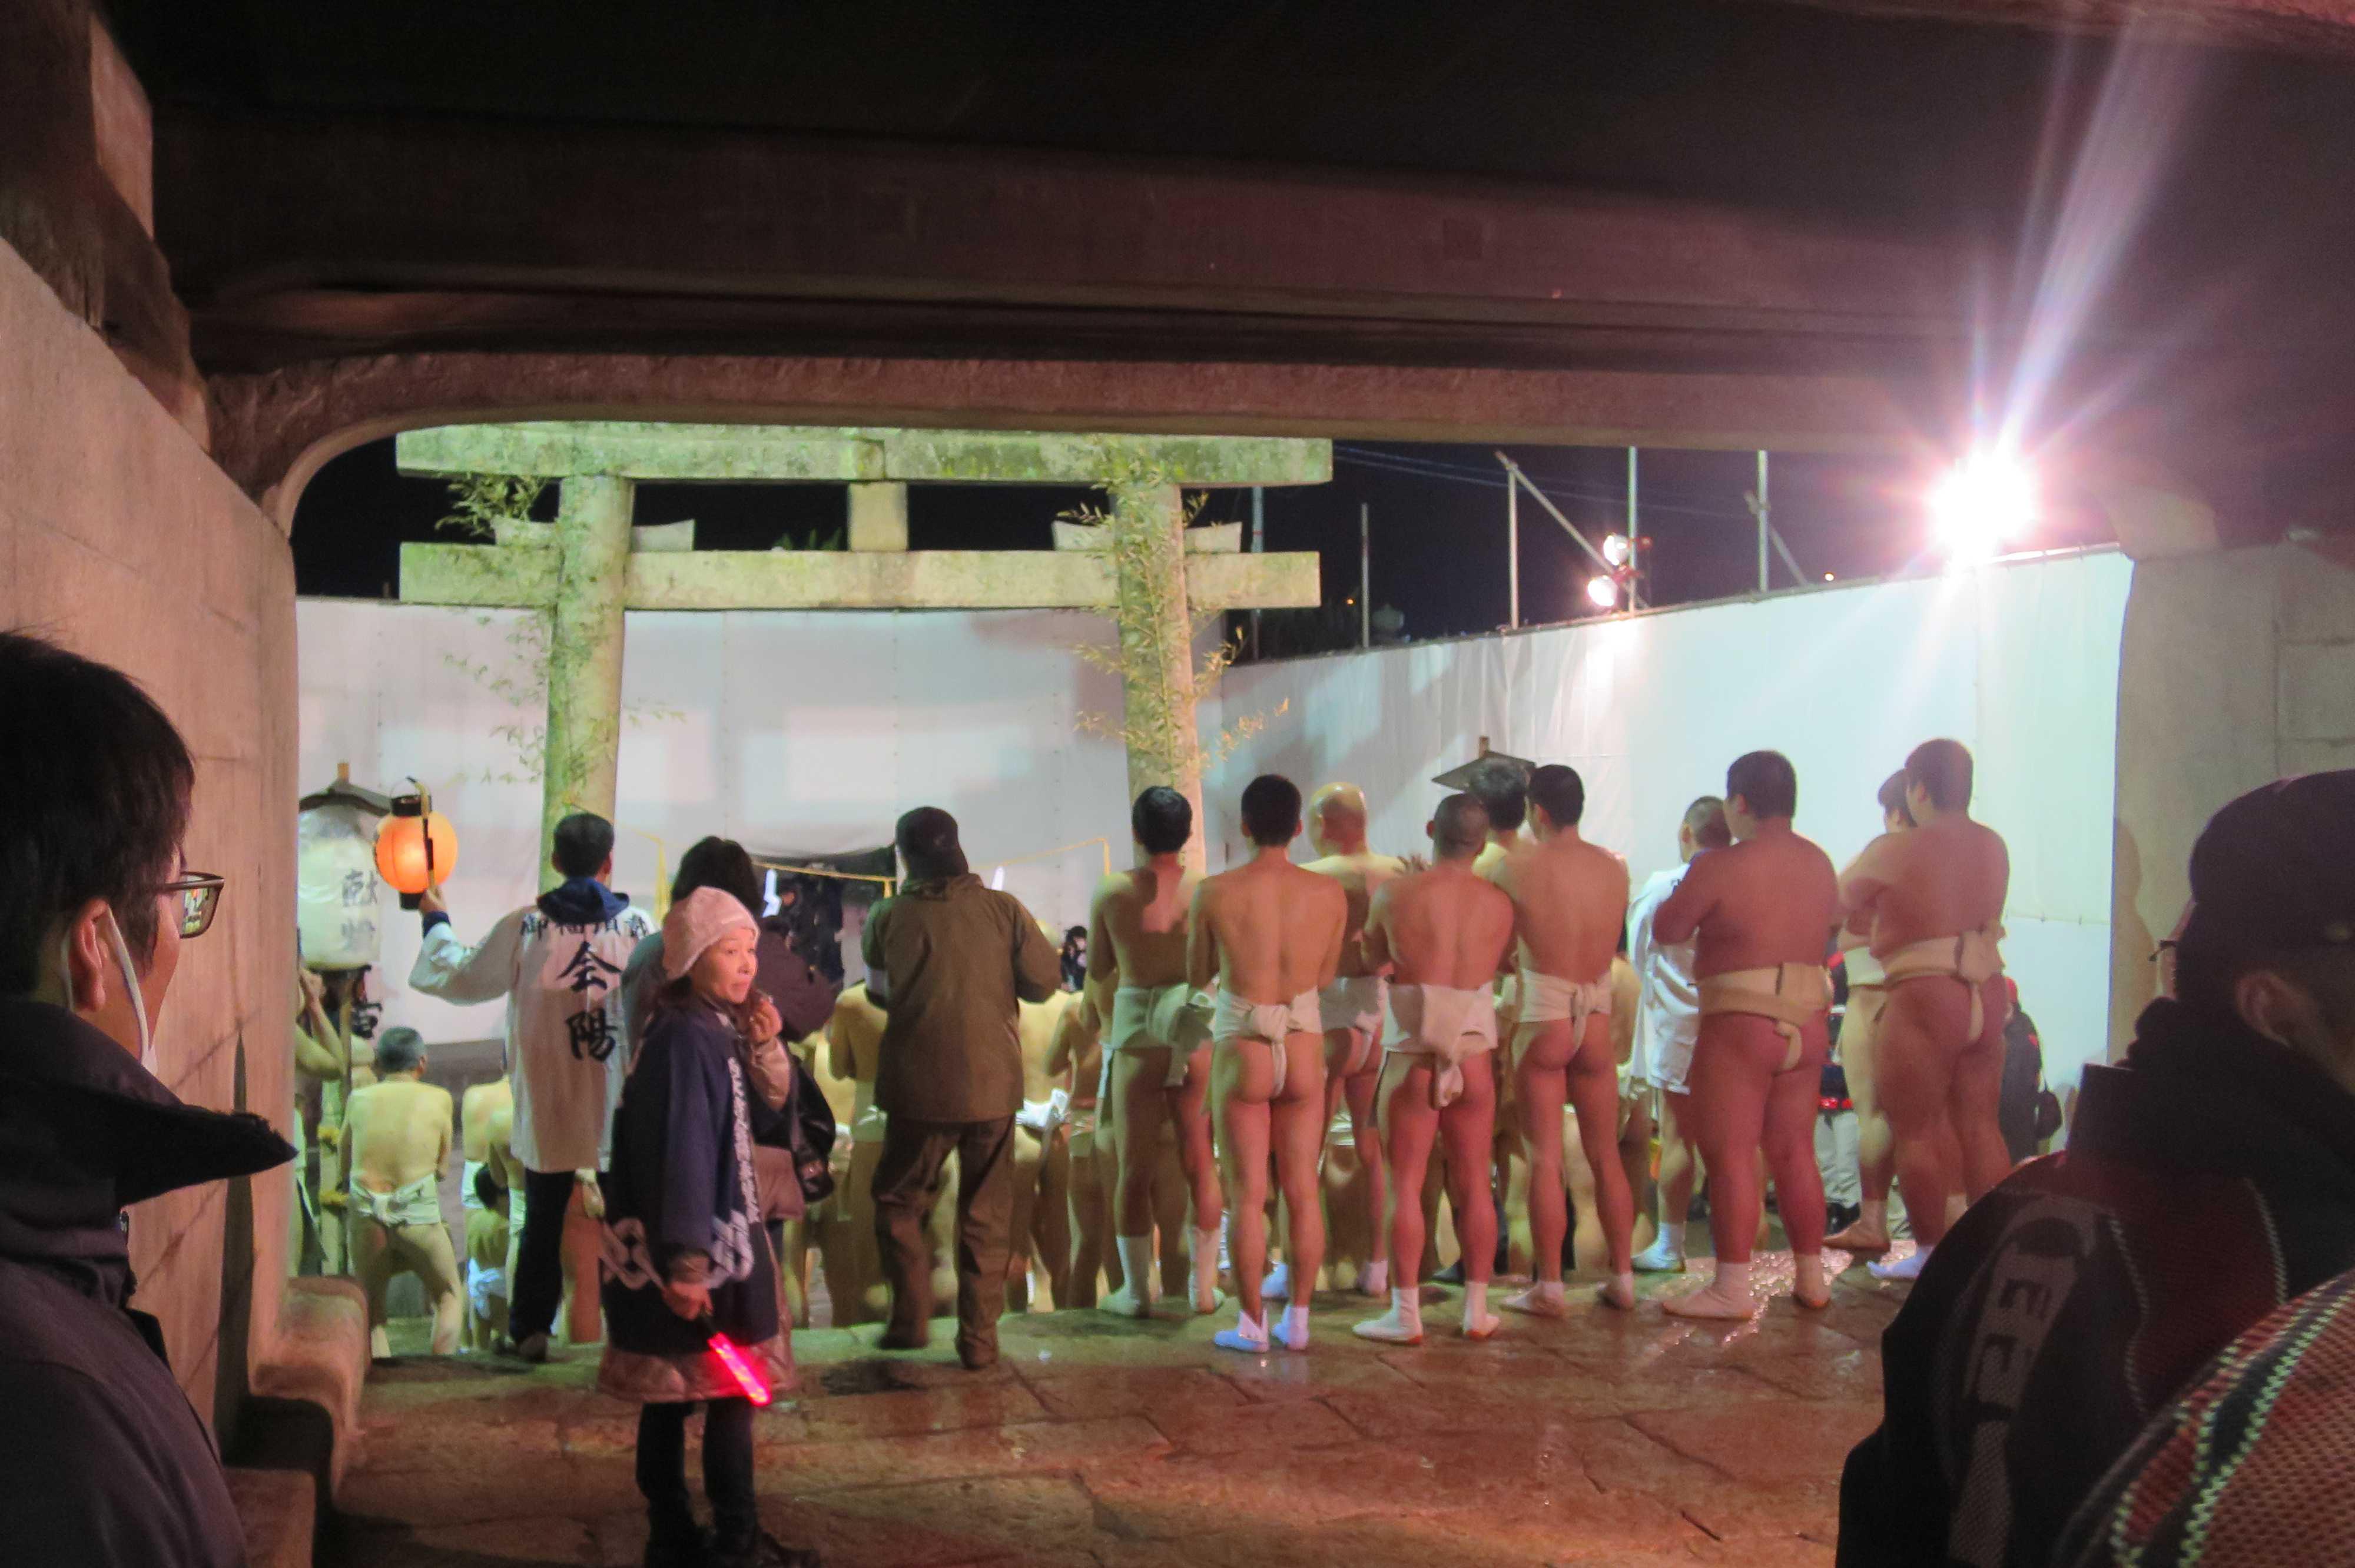 西大寺会陽 - 林グループの垢離取場での水垢離